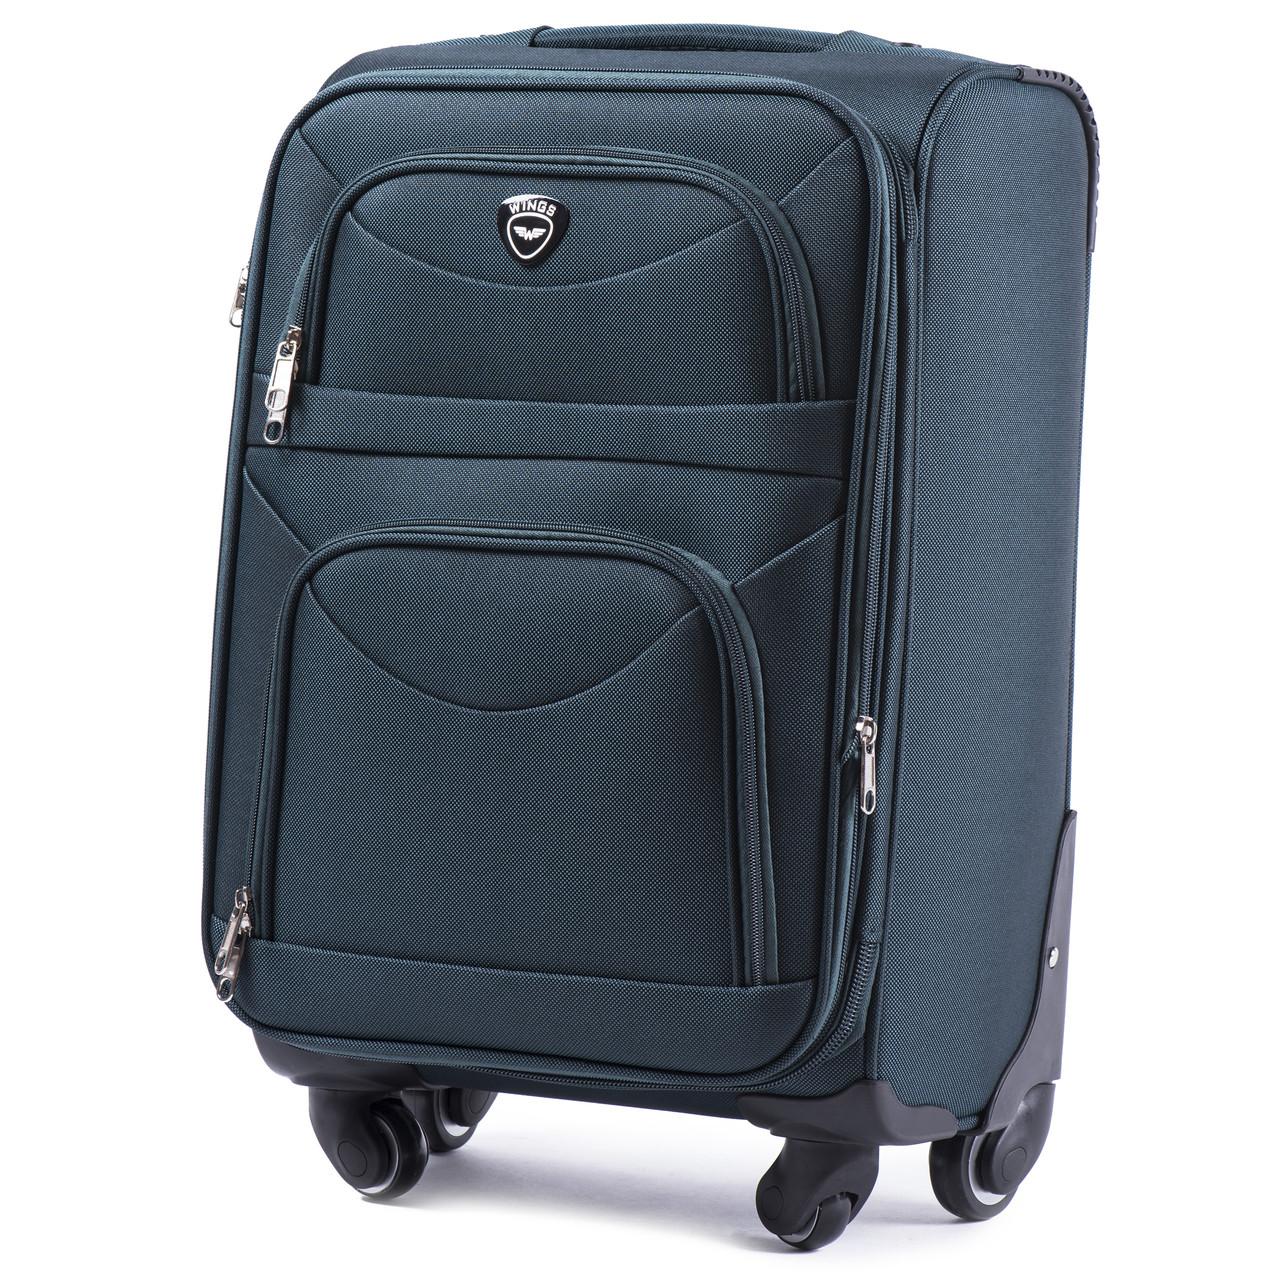 Большой тканевый чемодан Wings 6802 на 4 колесах зеленый